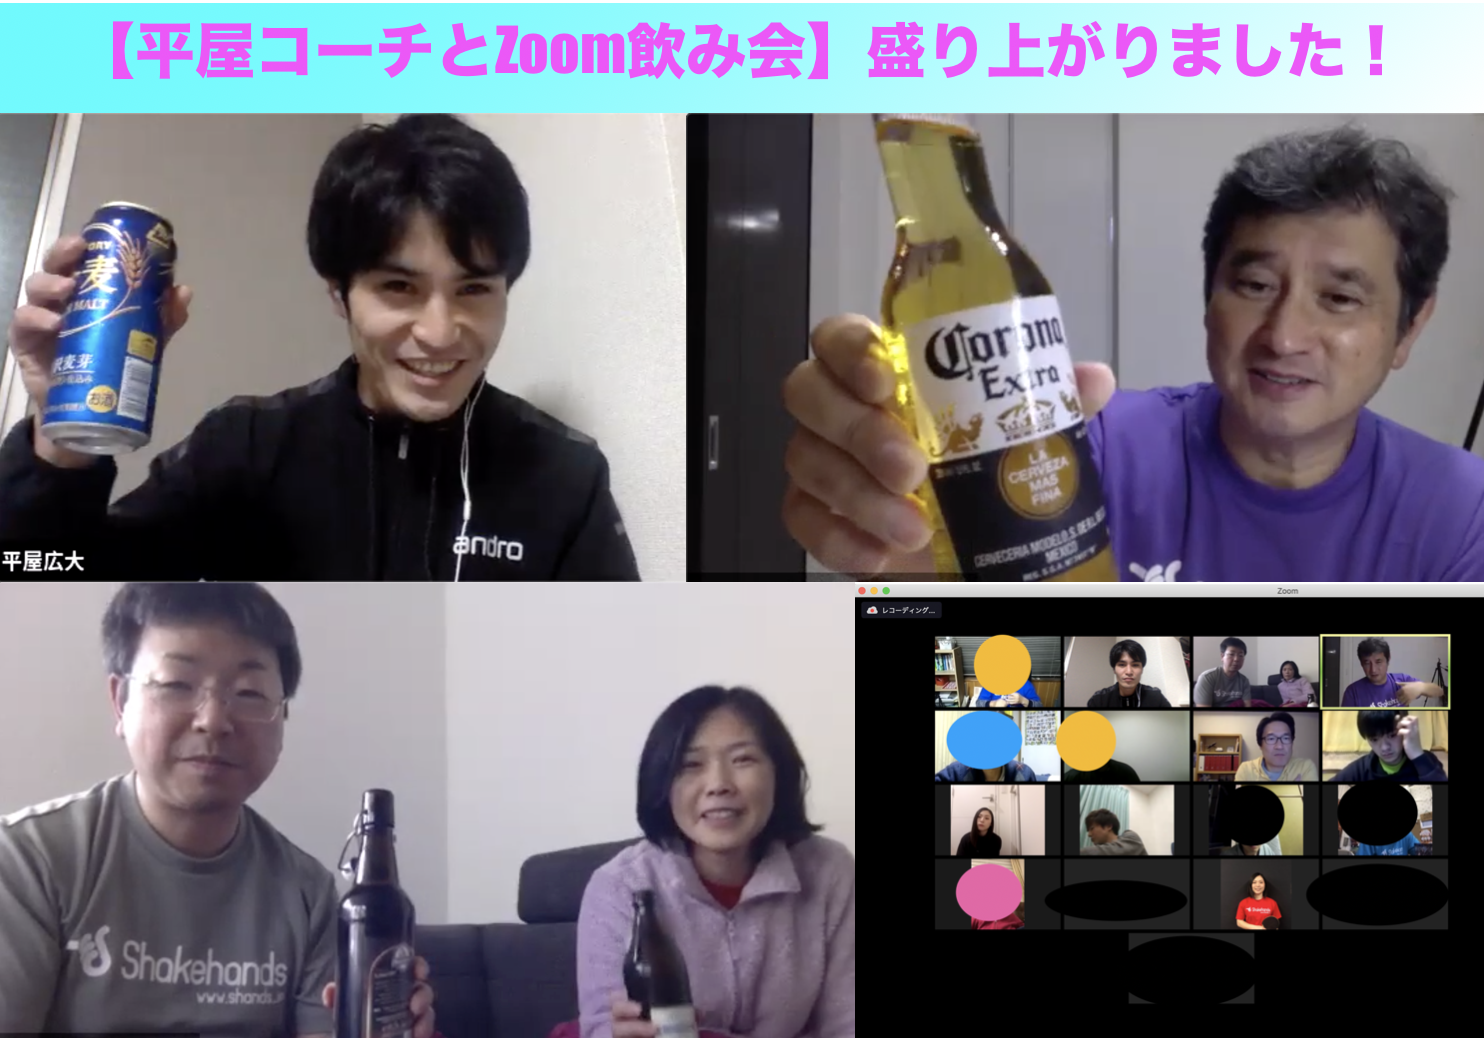 【平屋コーチとZoom飲み会】楽しく盛り上がりました!